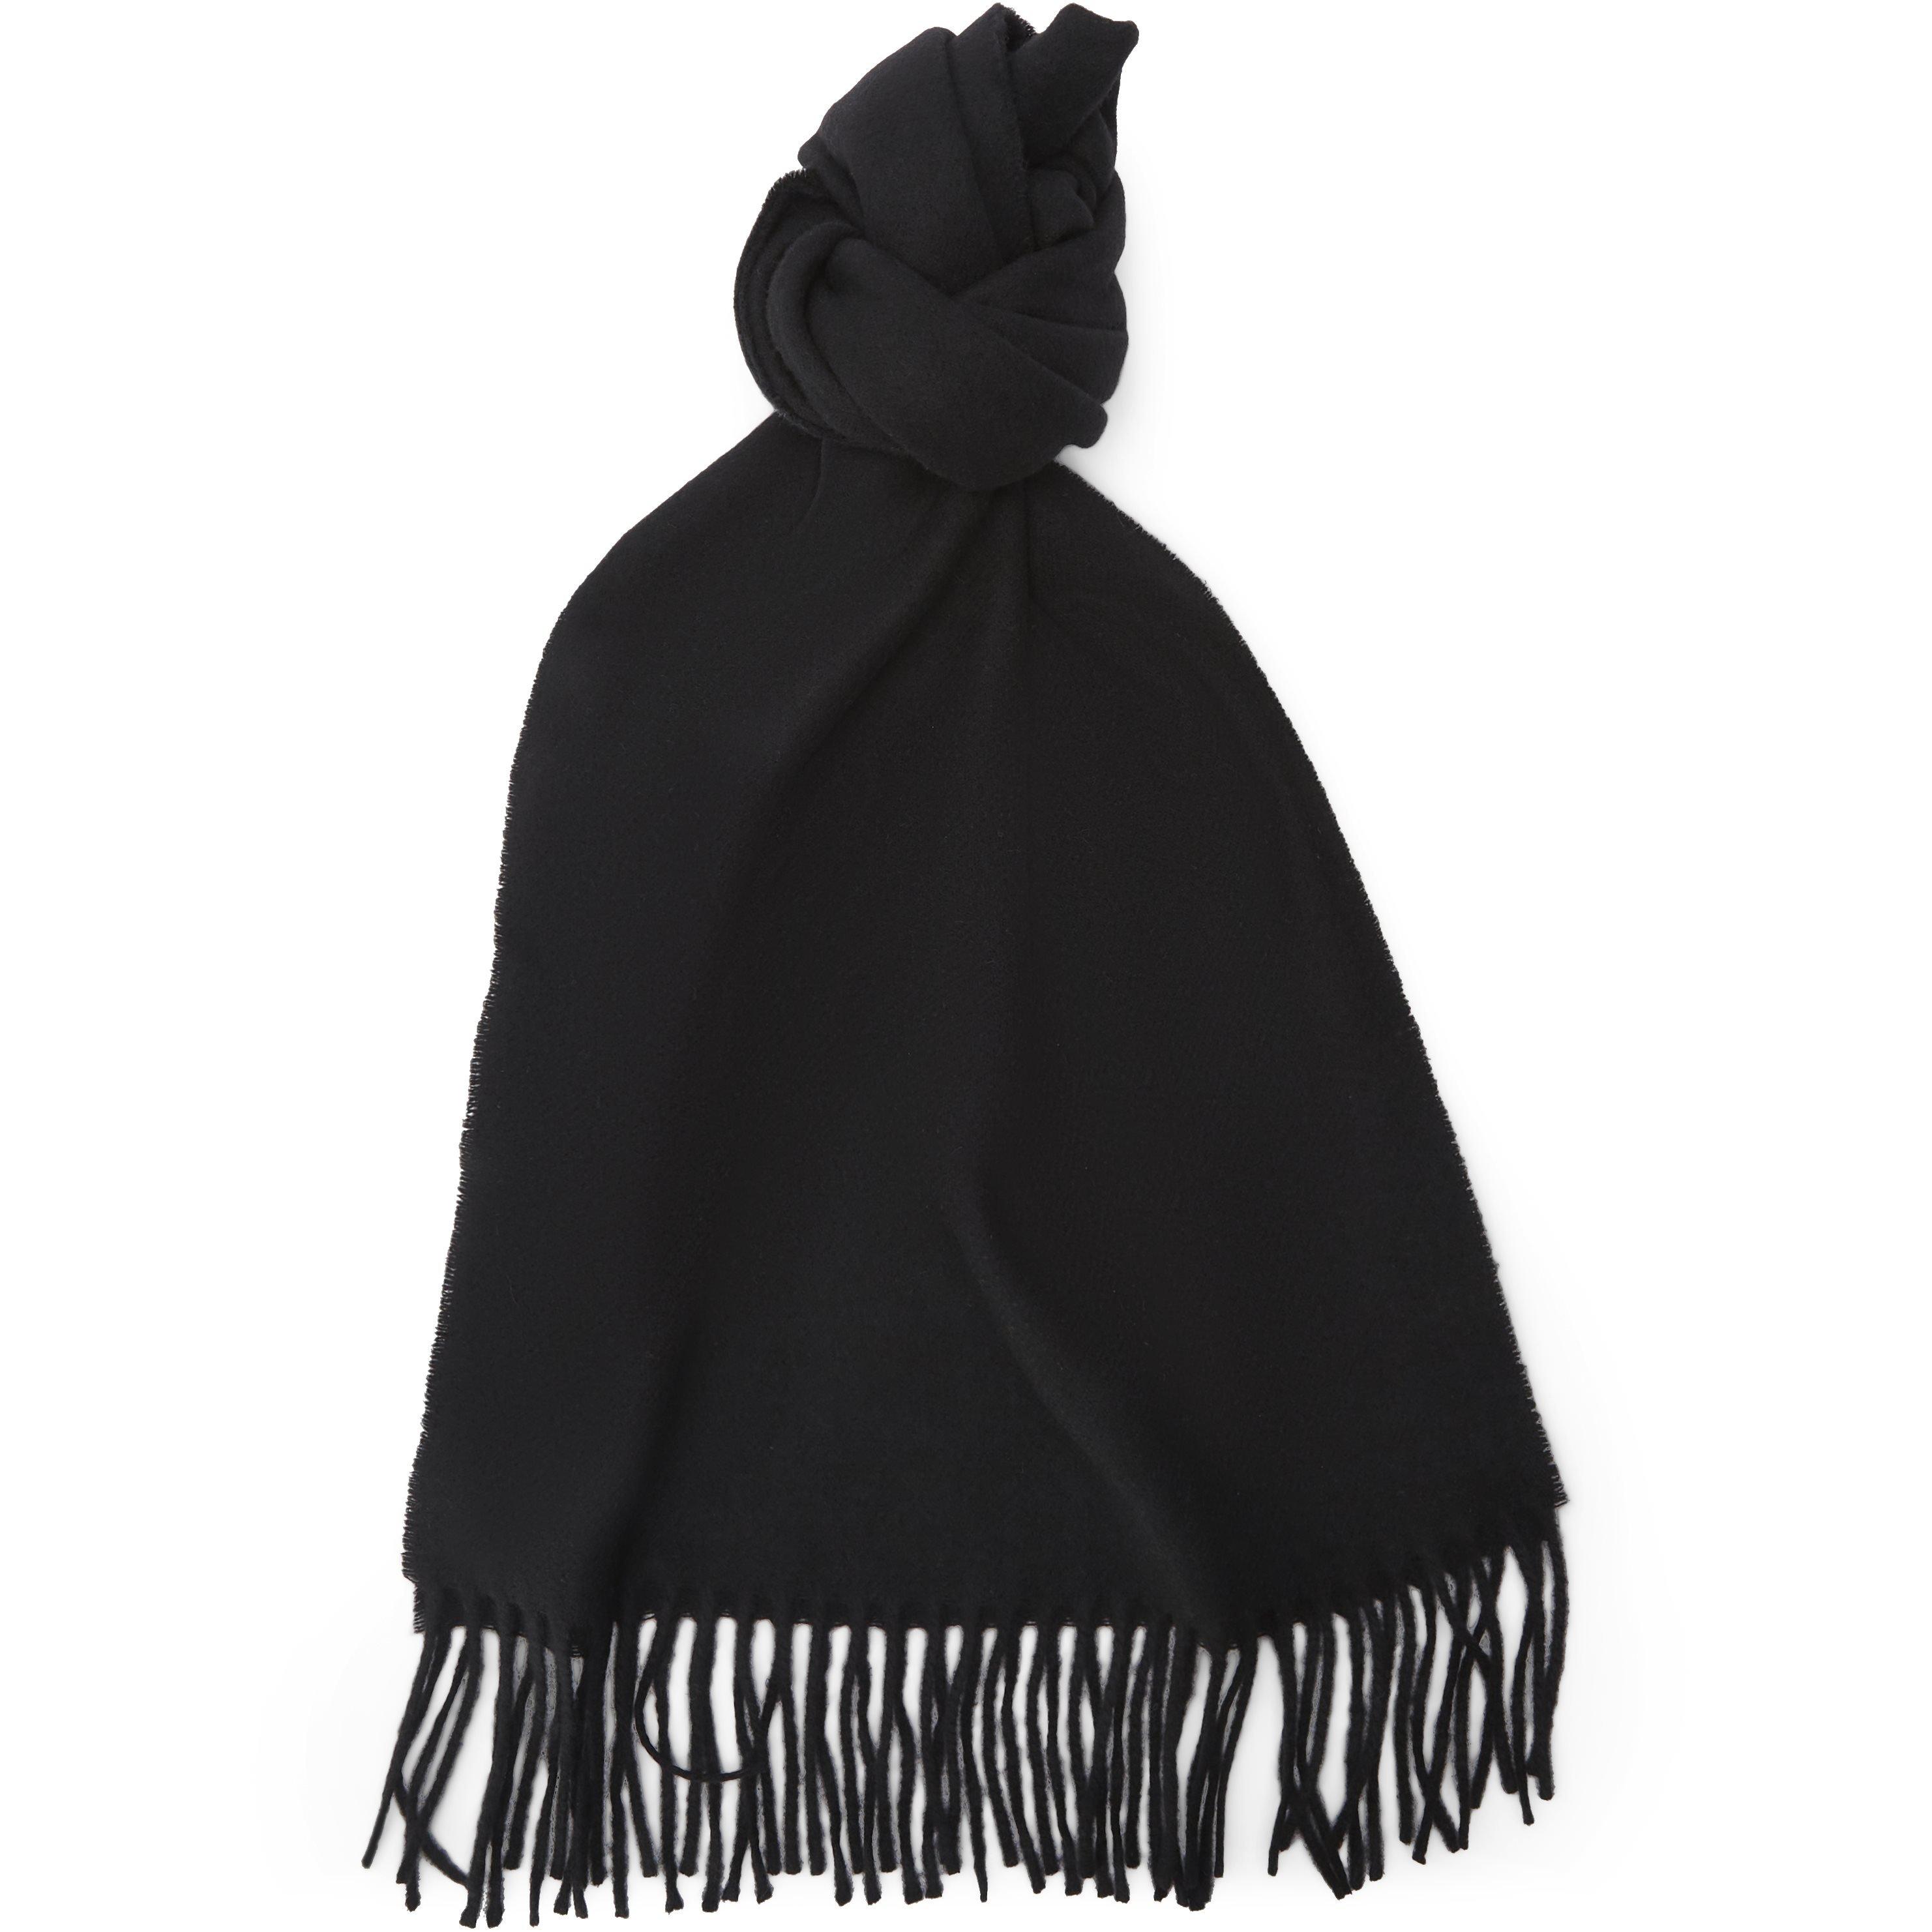 Tørklæder - Regular fit - Sort